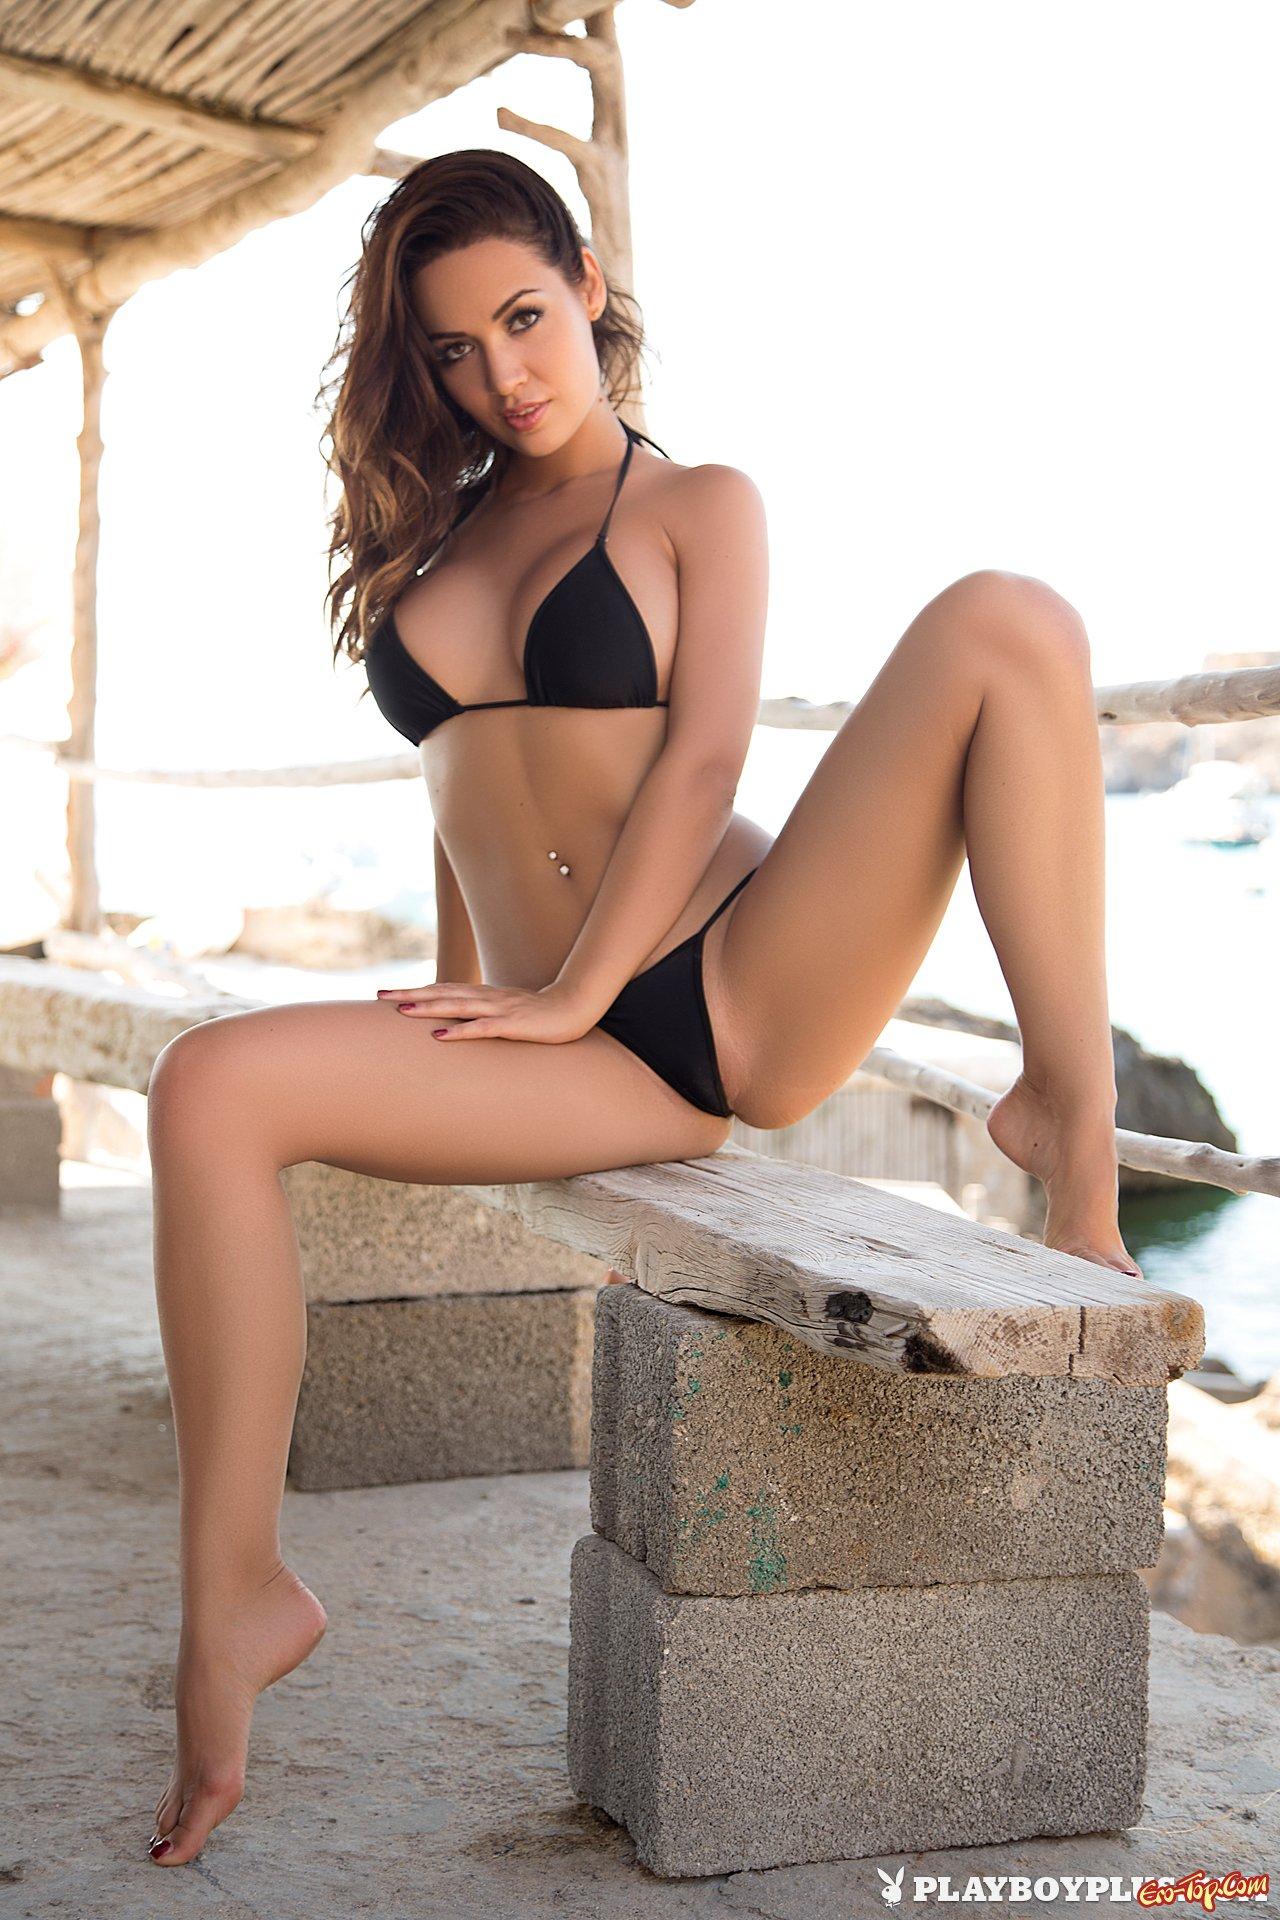 allie deberry nude pics